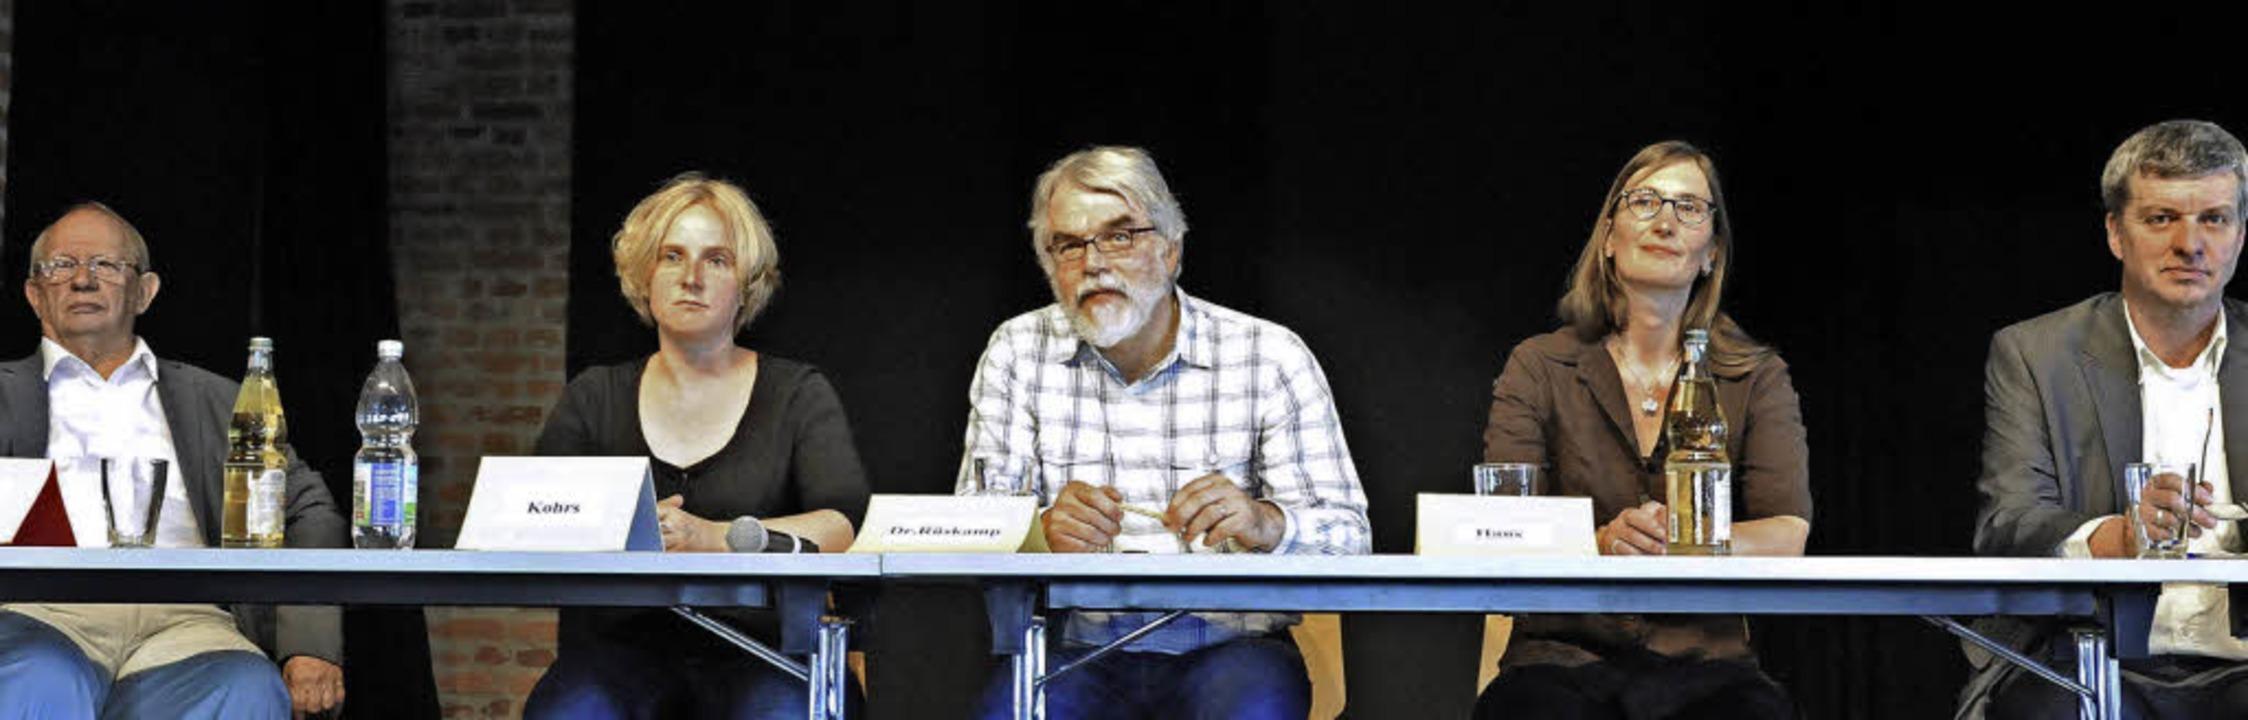 Auf dem Podium des Infoabends zur Geme...er lauter Befürworter der neuen Schule    Foto: Markus Zimmermann